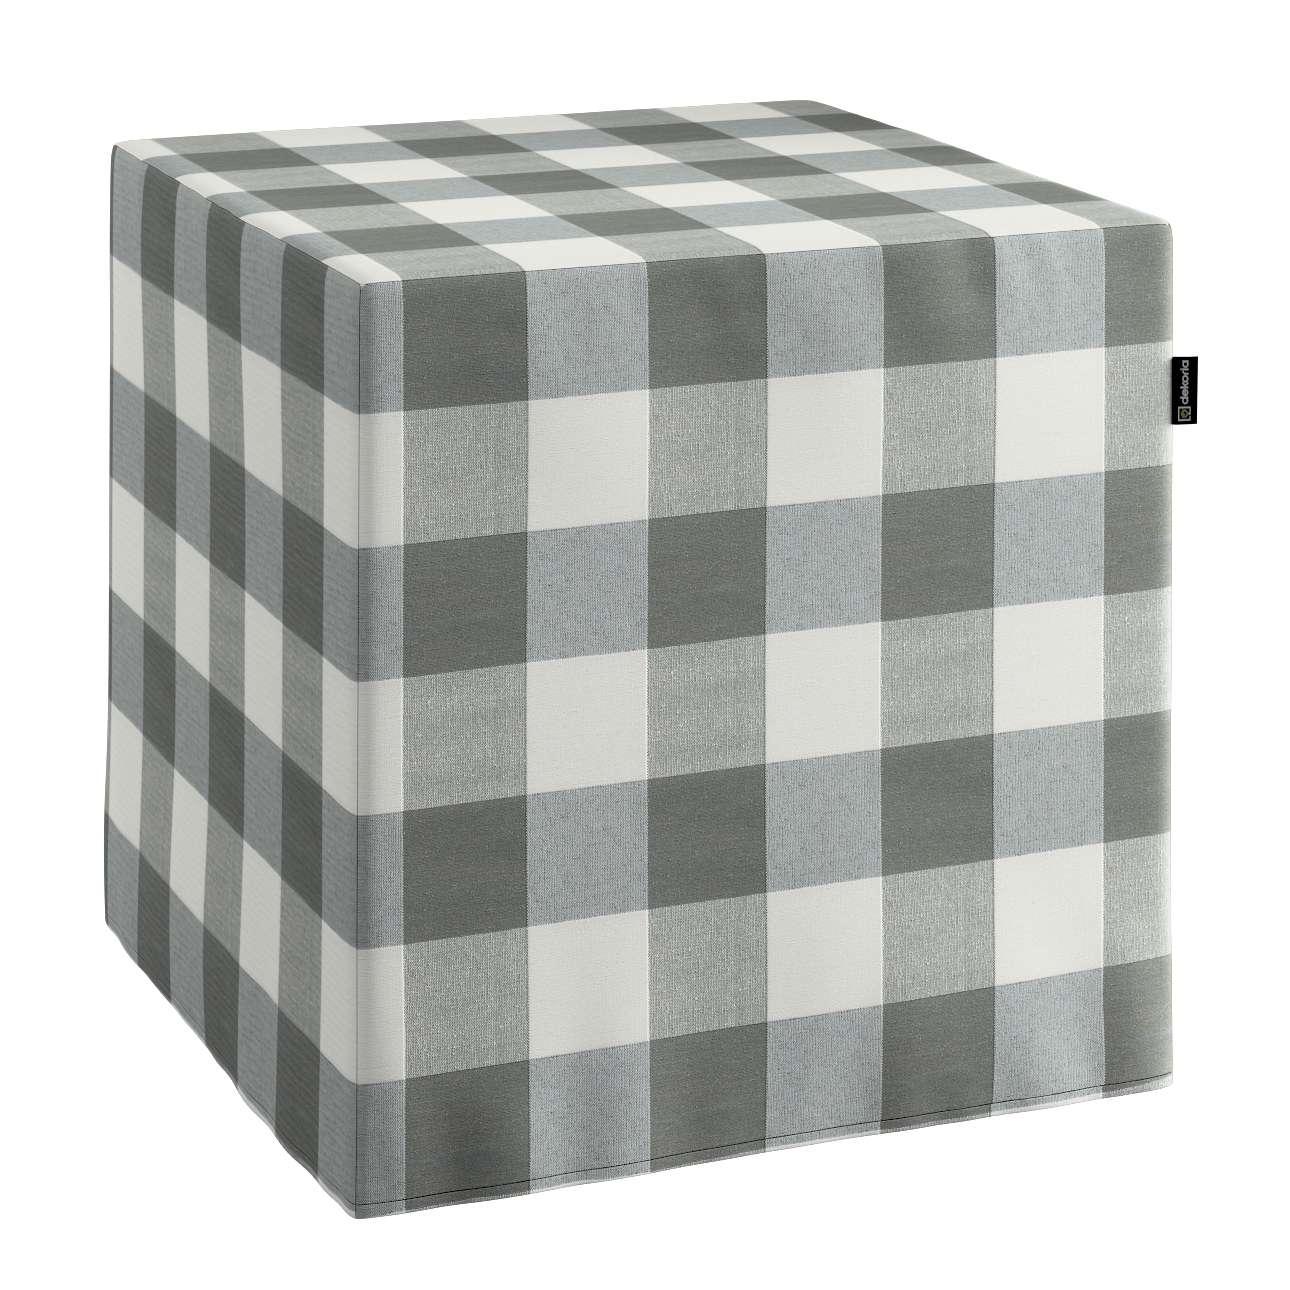 Taburetka tvrdá, kocka V kolekcii Quadro, tkanina: 136-13